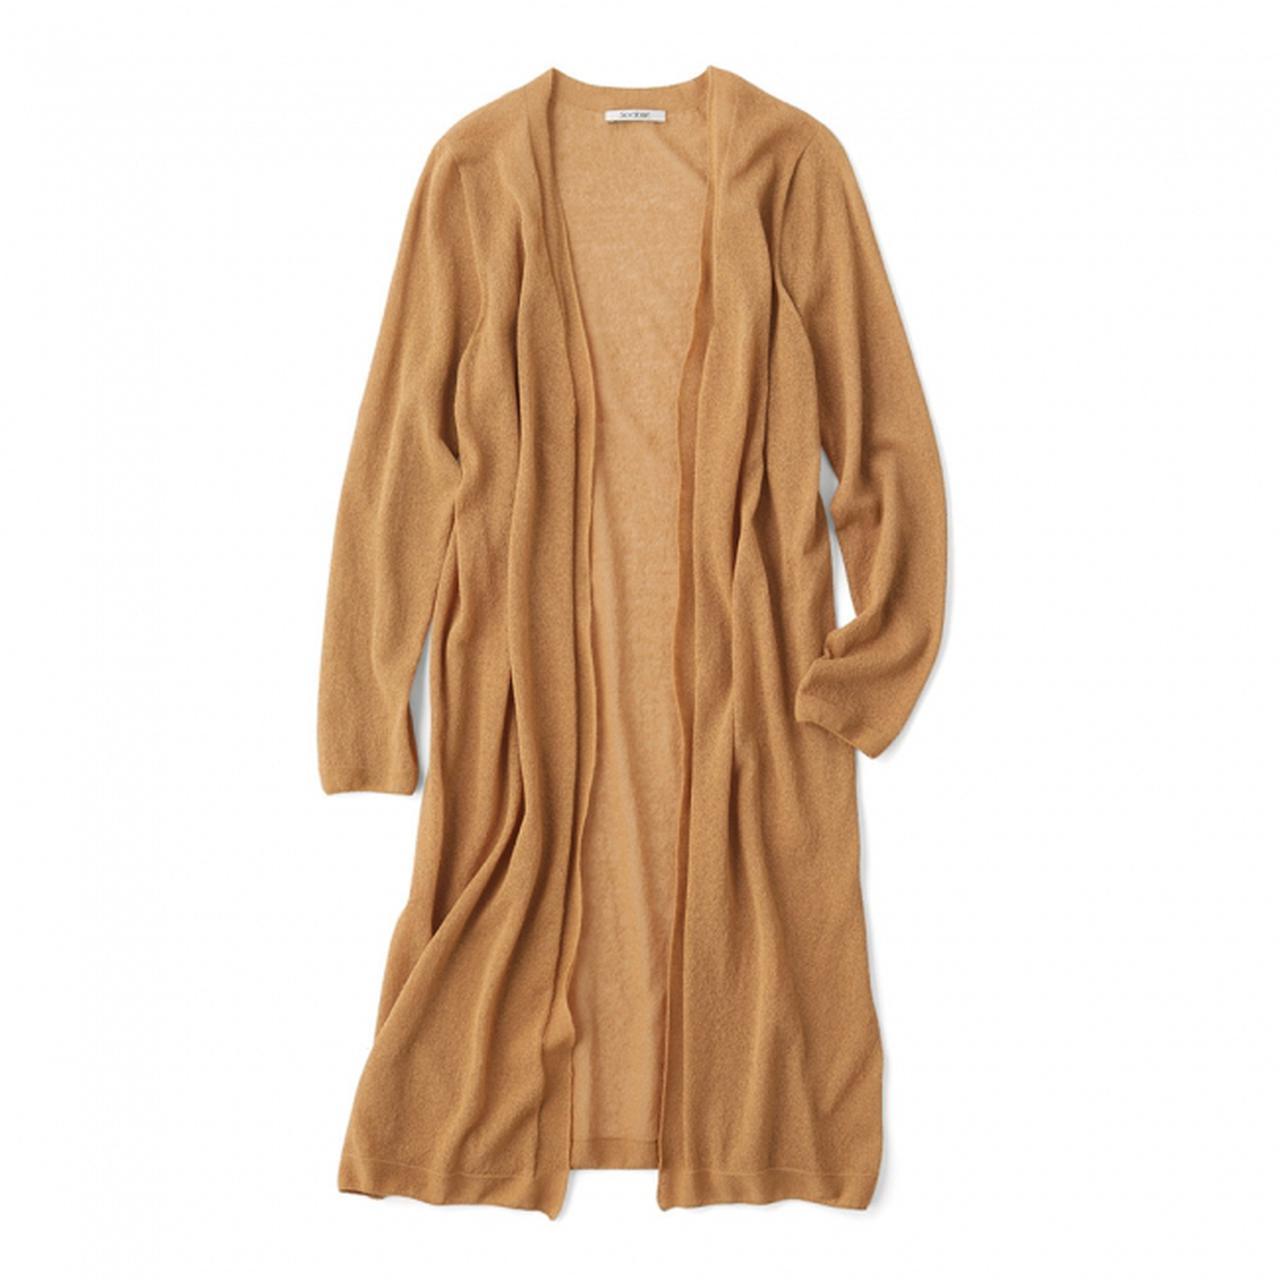 画像6: ディノスのファッションブランド『So close, (ソー クロース,) 』より、2020夏コレクションが新発売